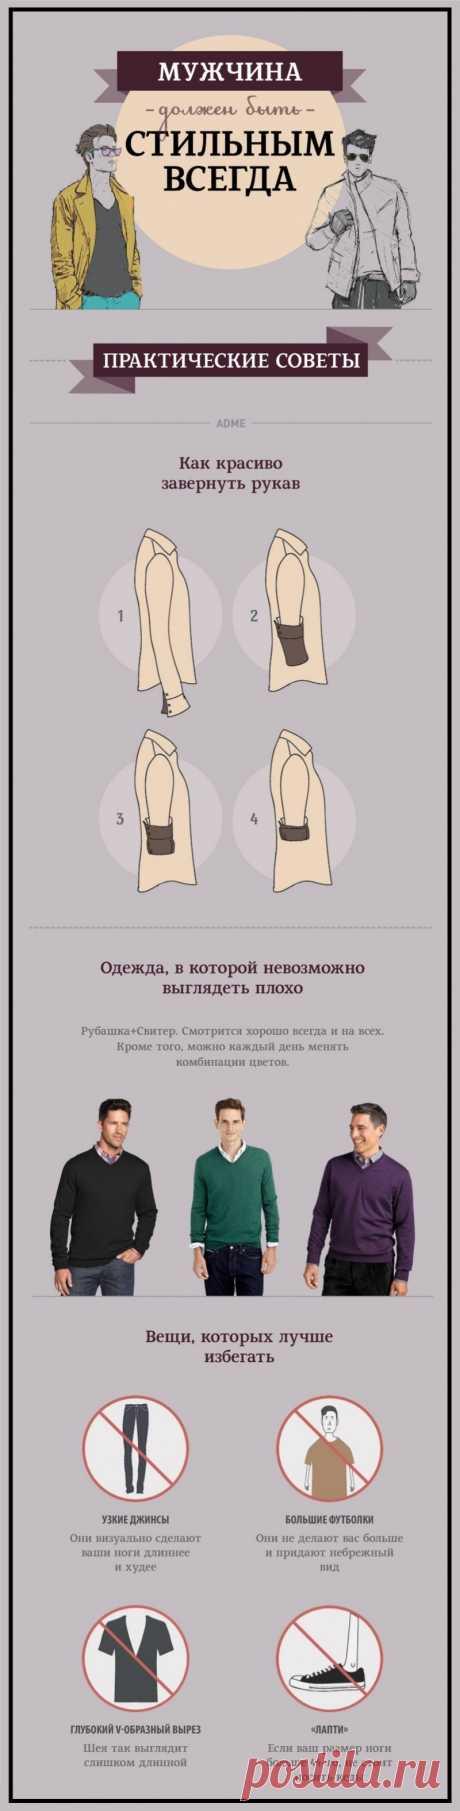 Мужской стиль. Практические советы